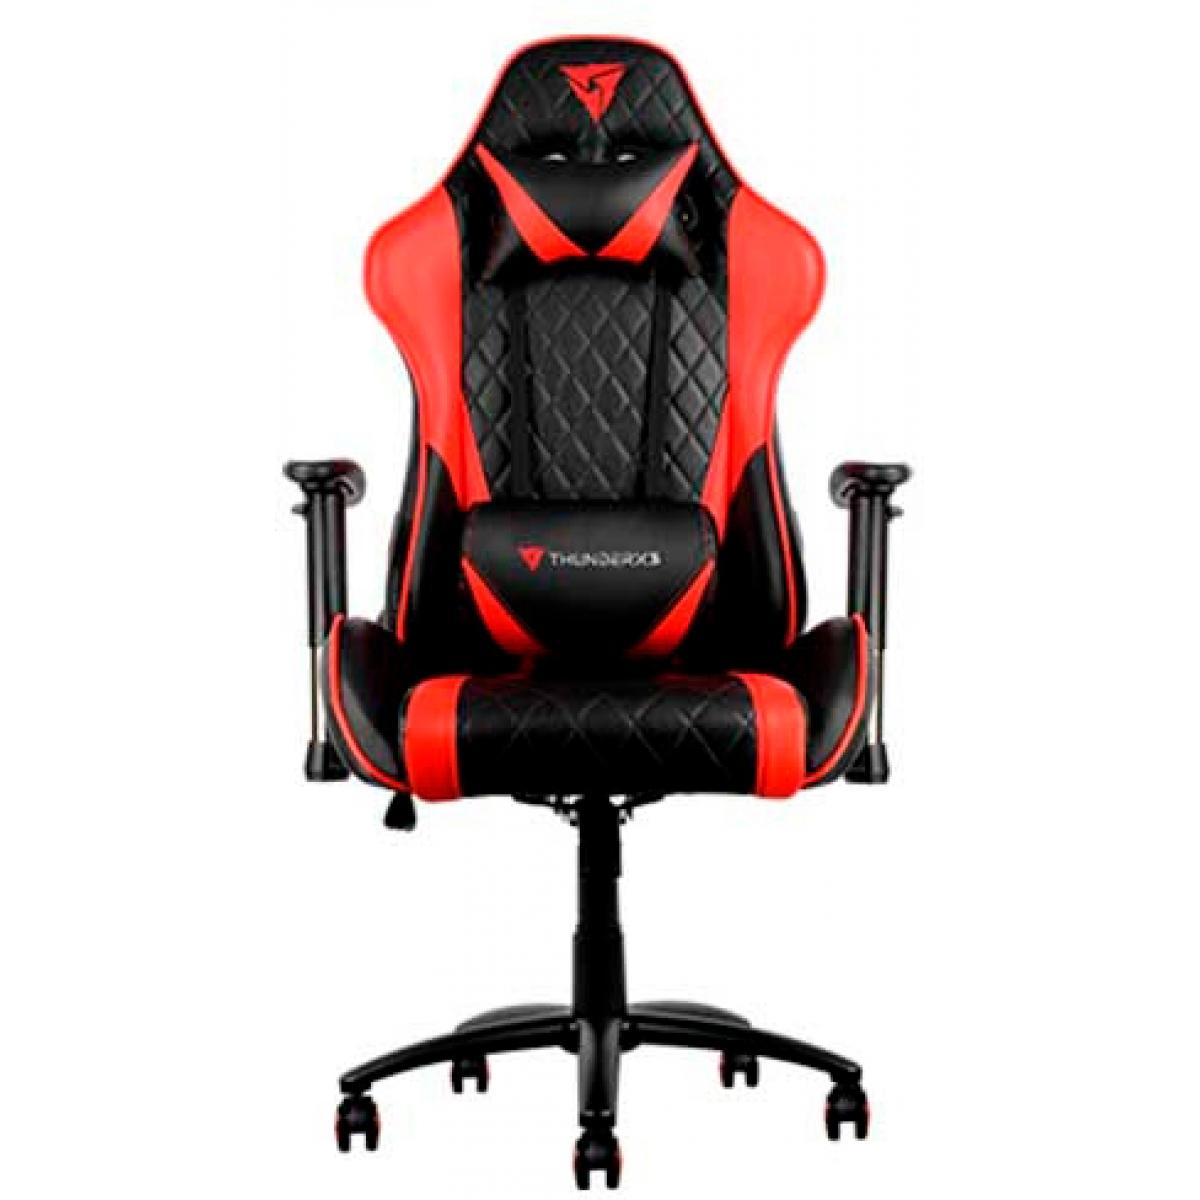 Cadeira Gamer ThunderX3, Black-Red, TGC15-BK/RD